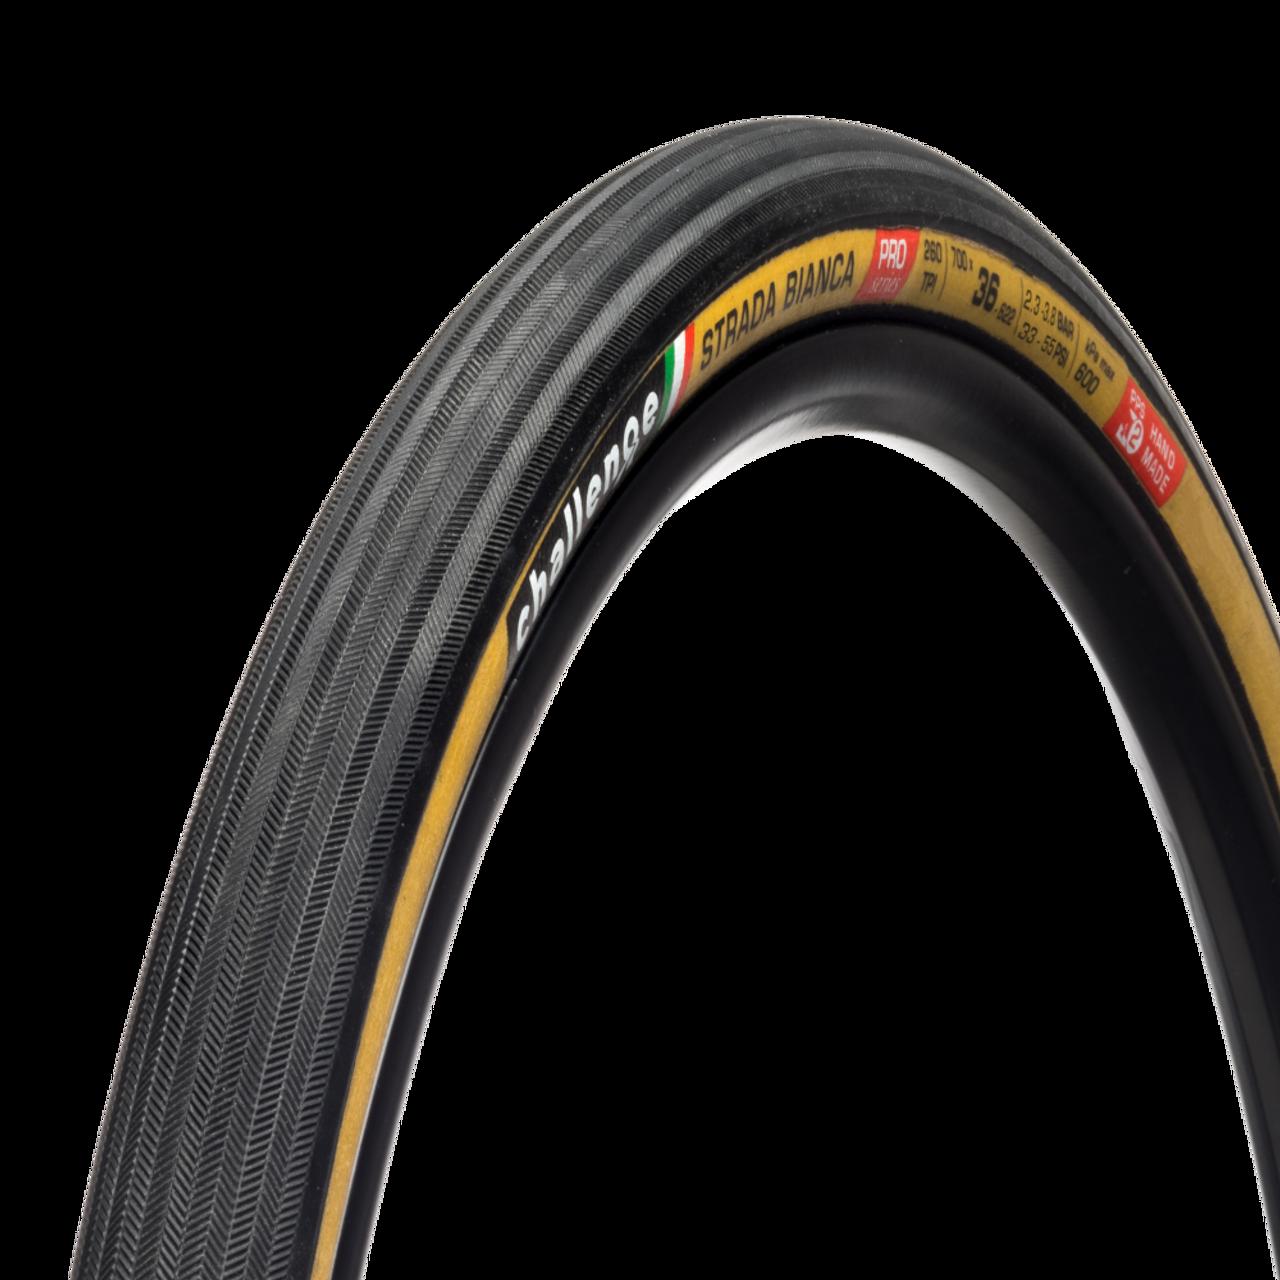 Challenge Strada Bianca Pro Cyclocross/Gravel Clincher Tyre In Tan 700 x 36